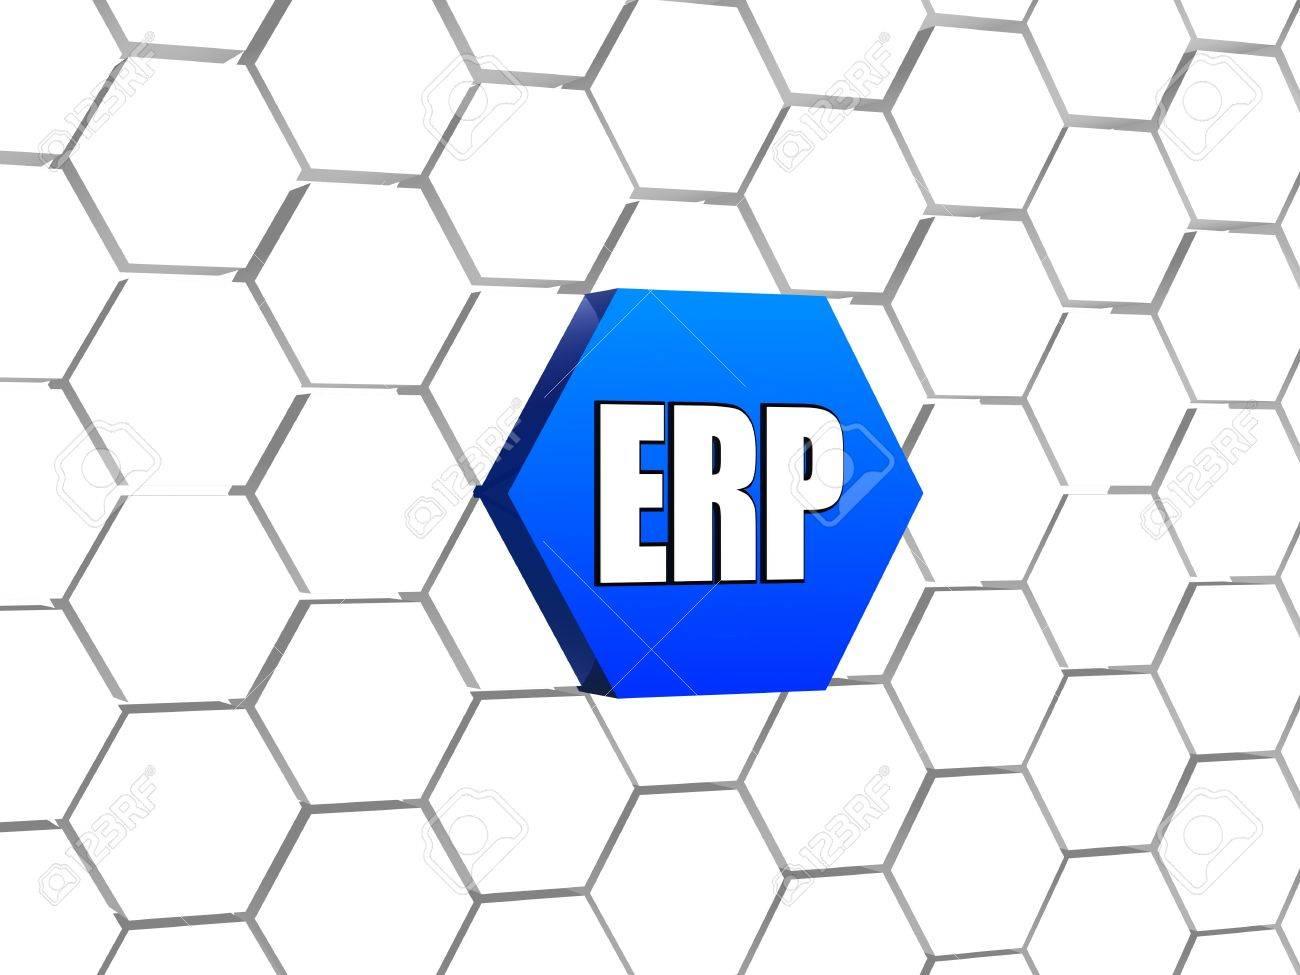 ERP 企業資源計画システム - 3 D...